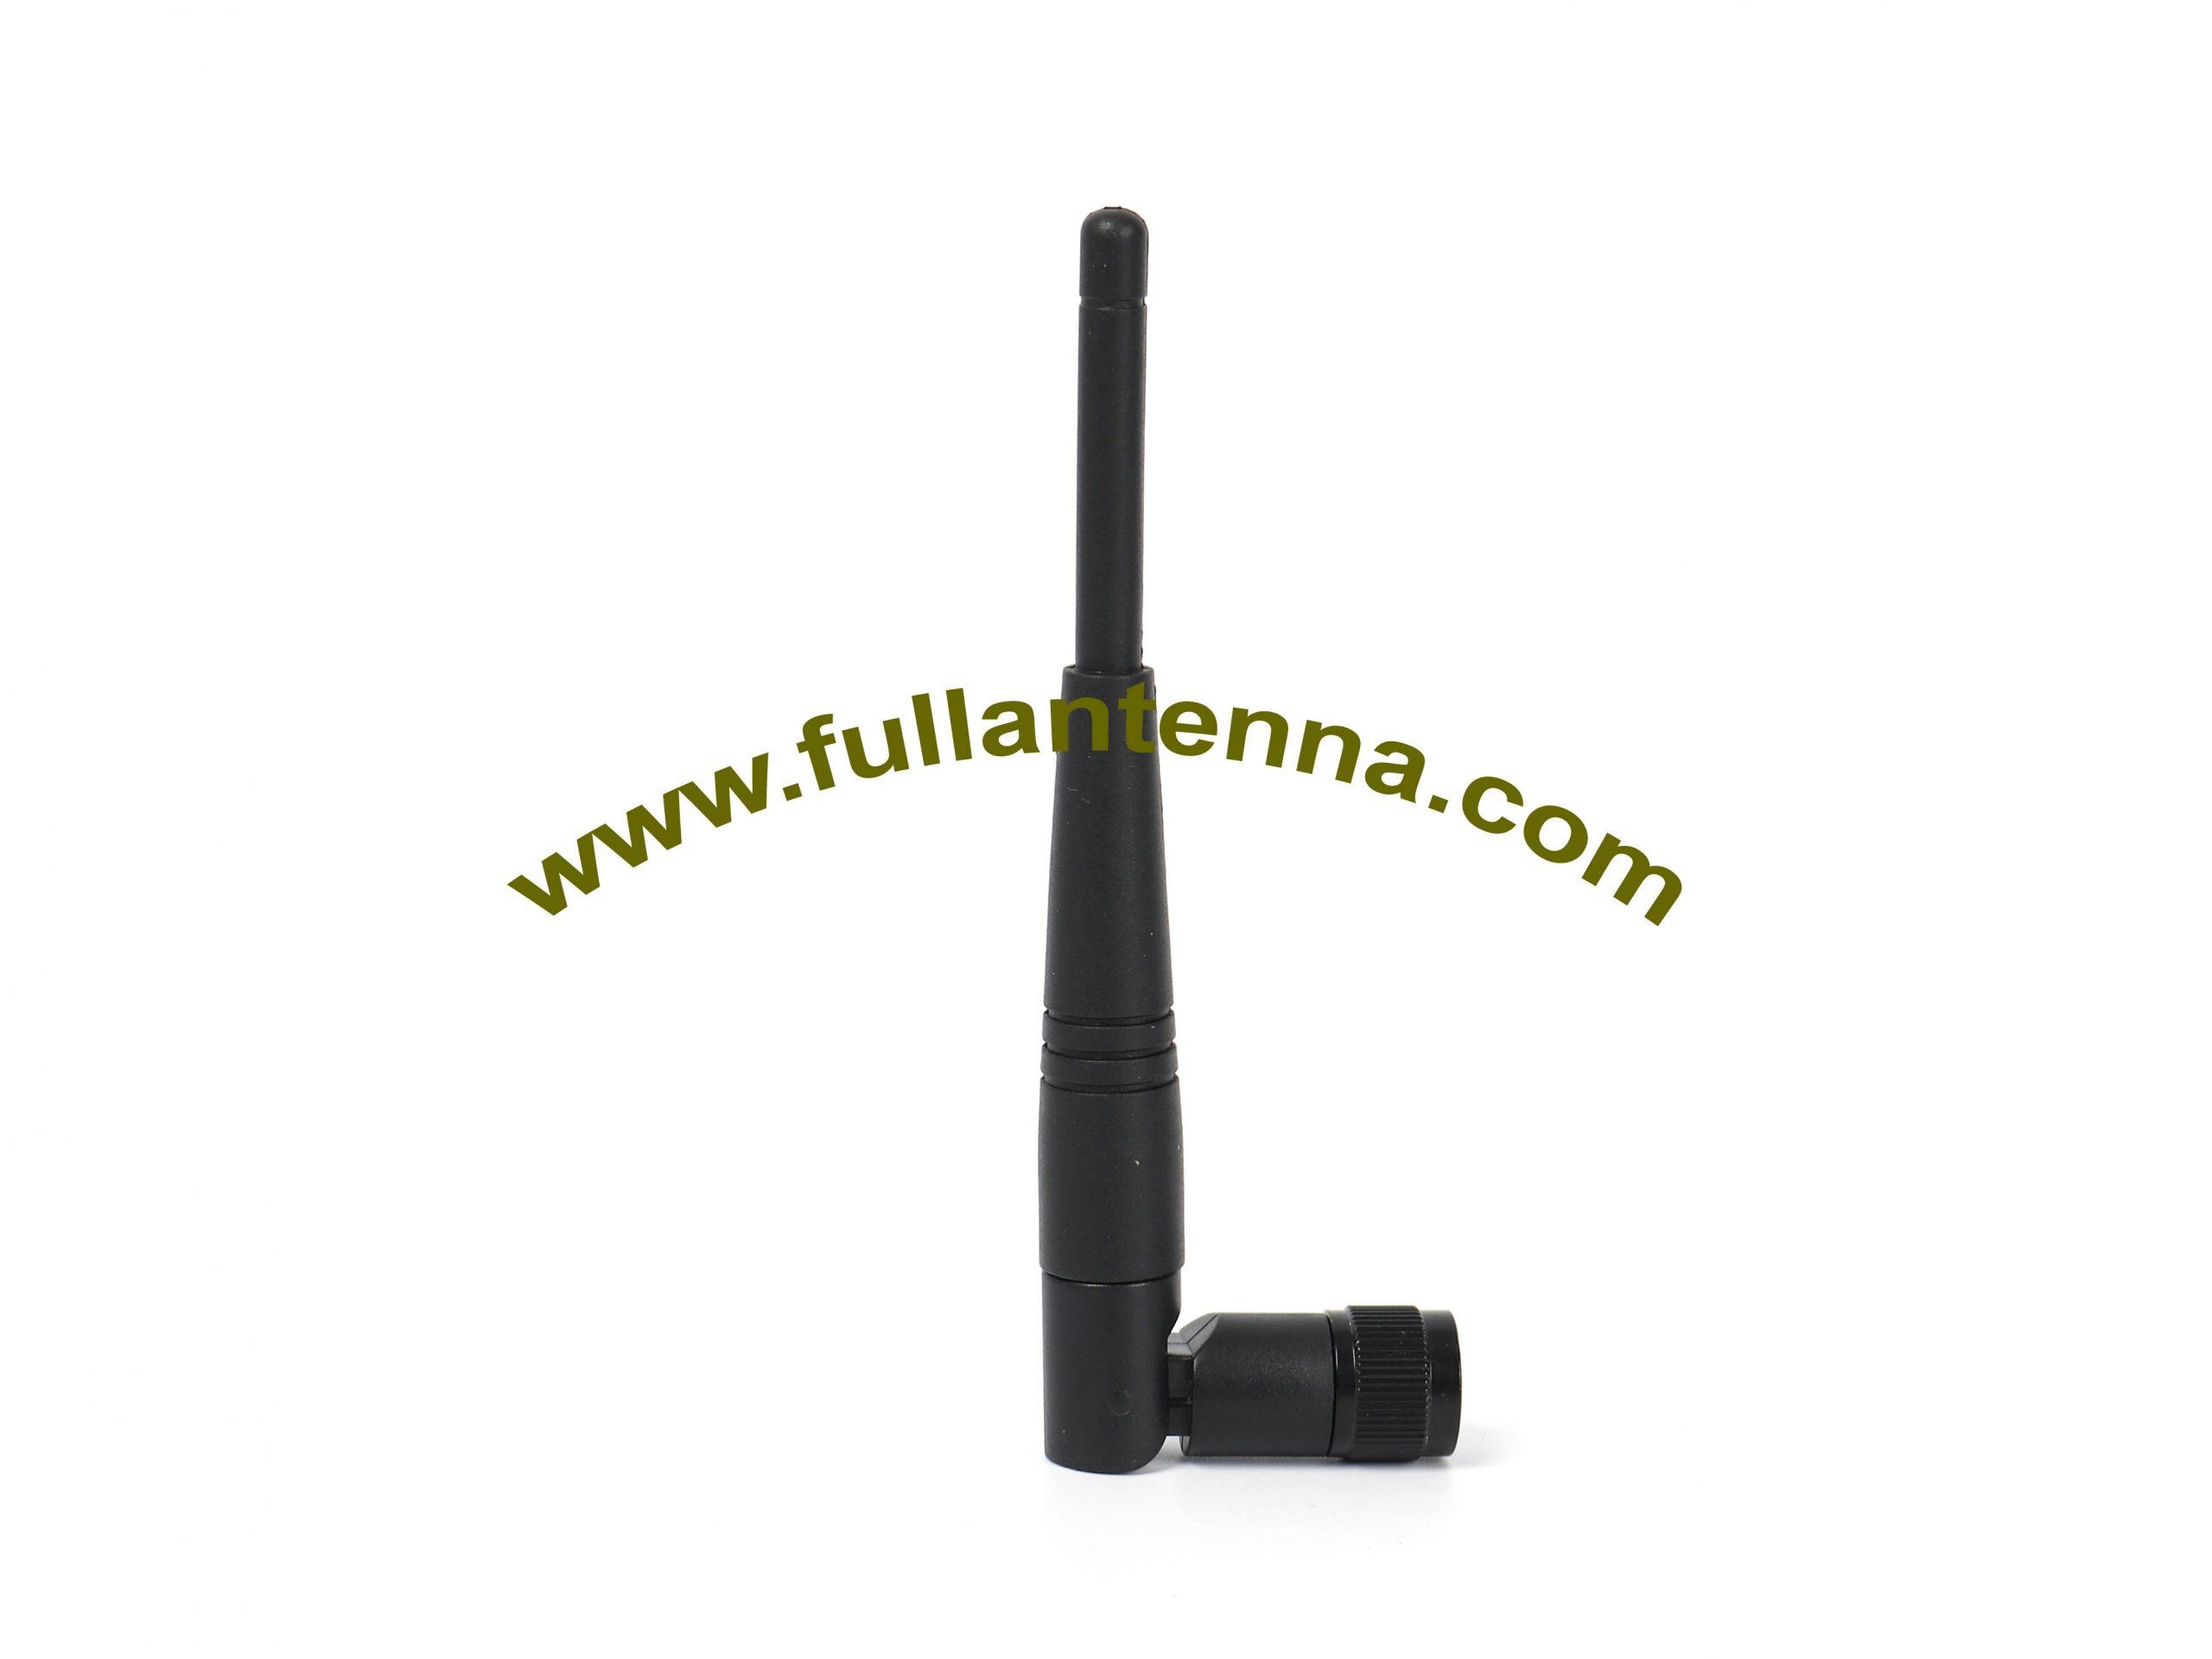 P/N:FA3G.0301,3G Rubber Antenna,  2.5dbi gain  SMA connector